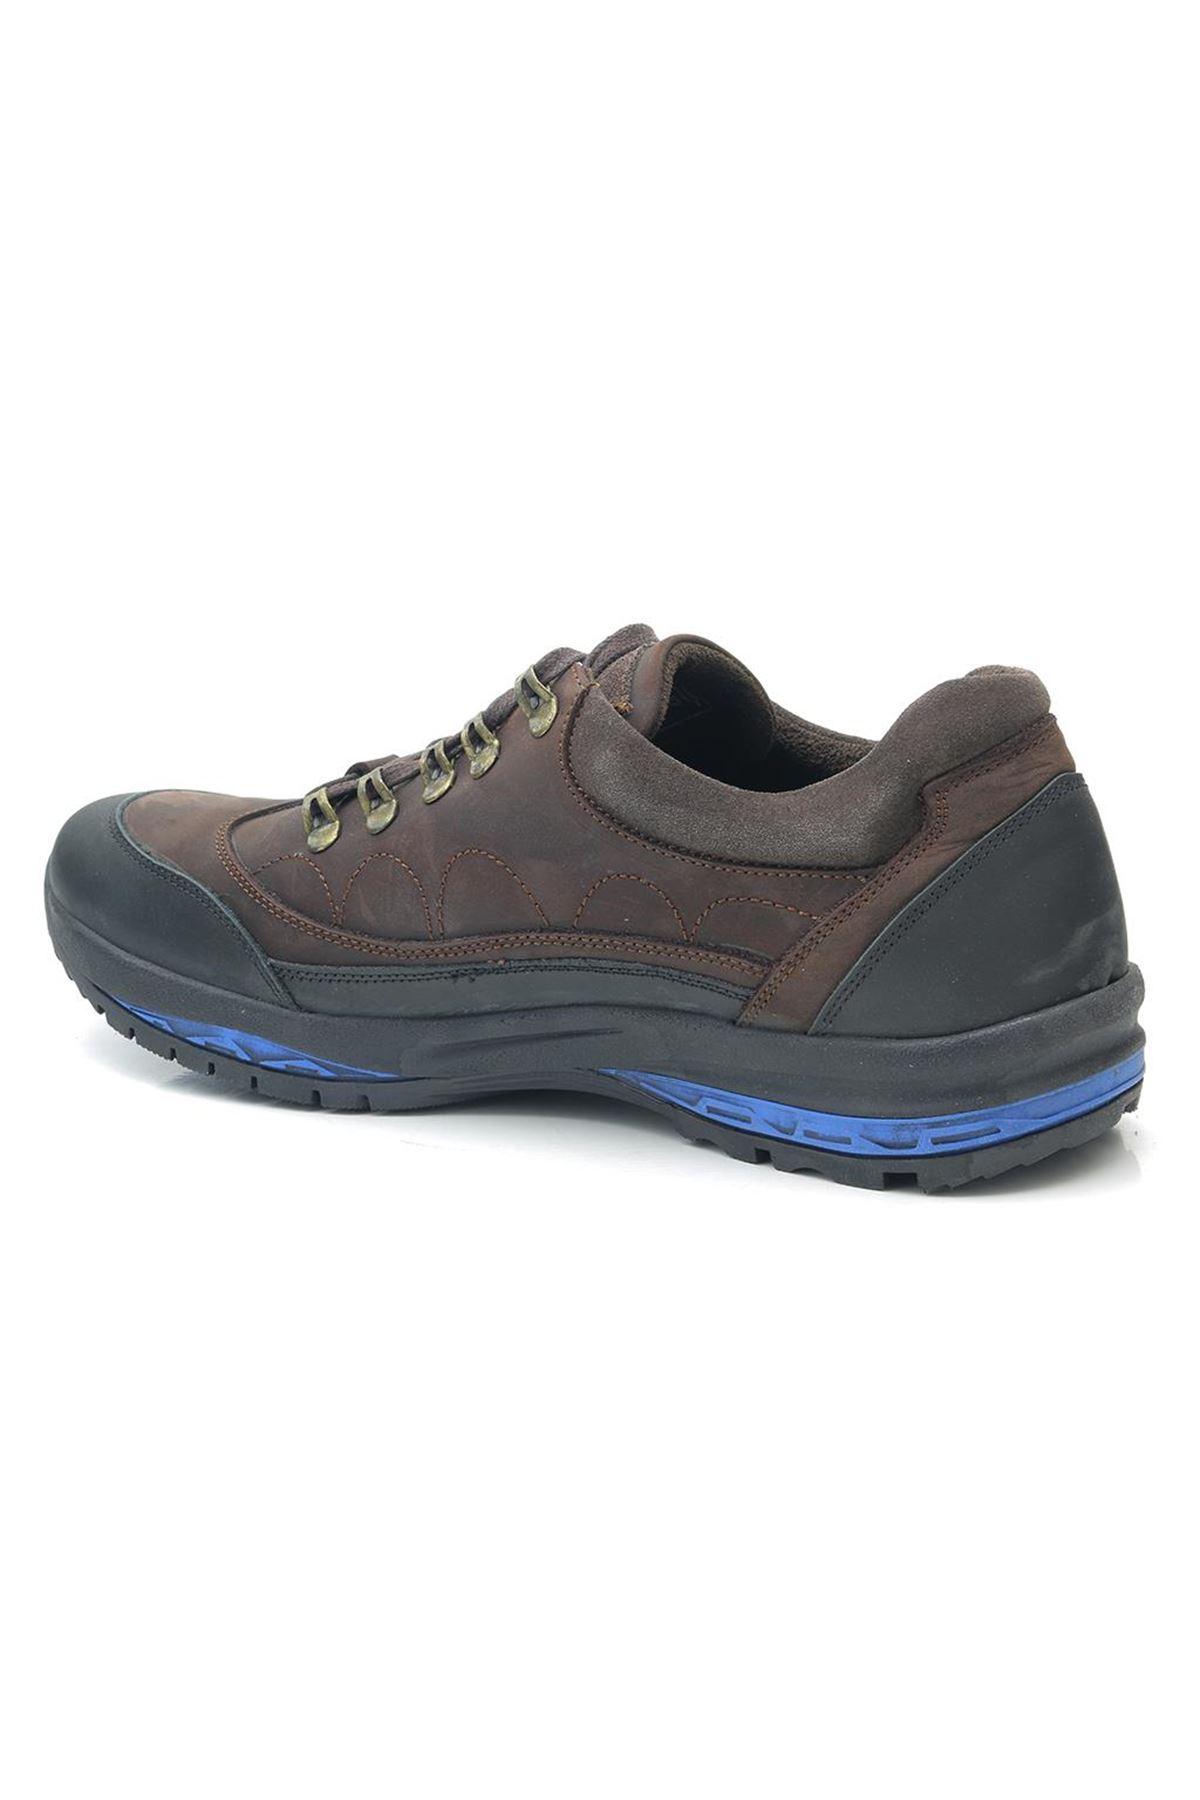 Jump Hakiki Deri 102 Kalın Taban Erkek Ayakkabı